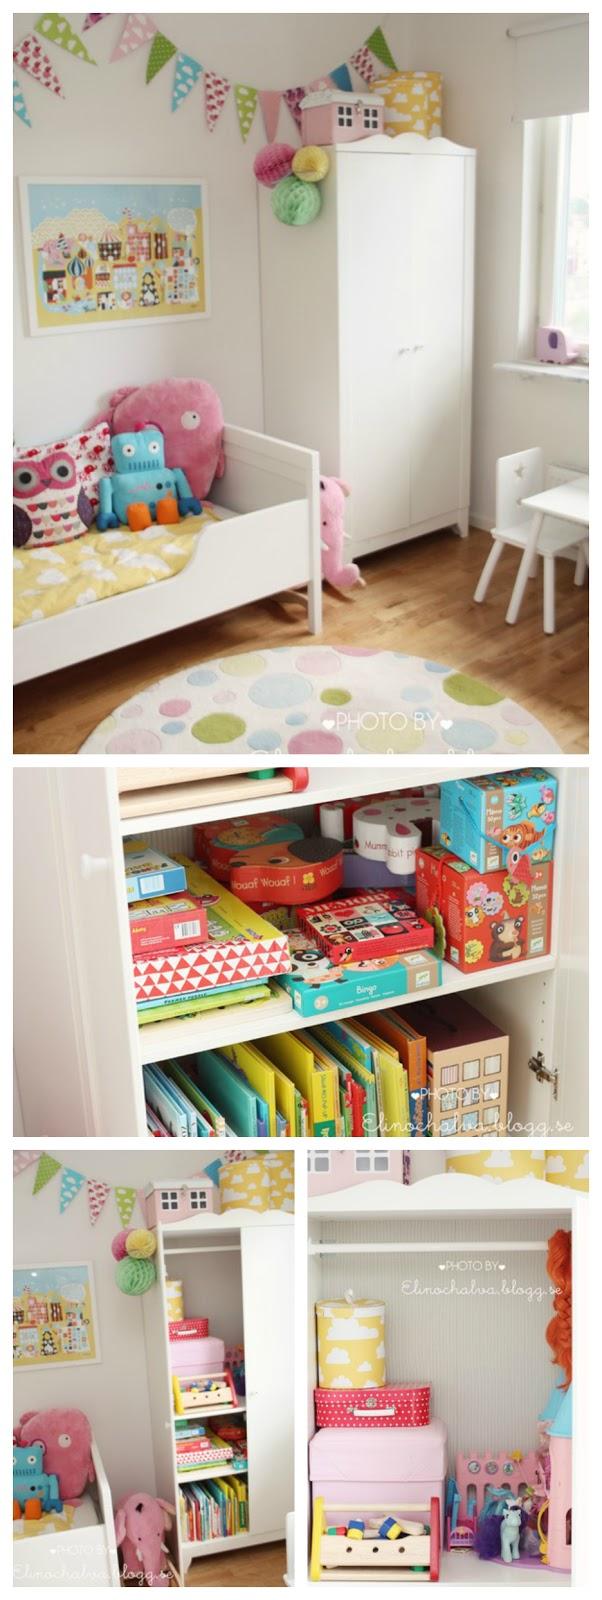 Aparador Vidro Preto ~ Baby Deco Nuevos usos Armario Hensvik como juguetero